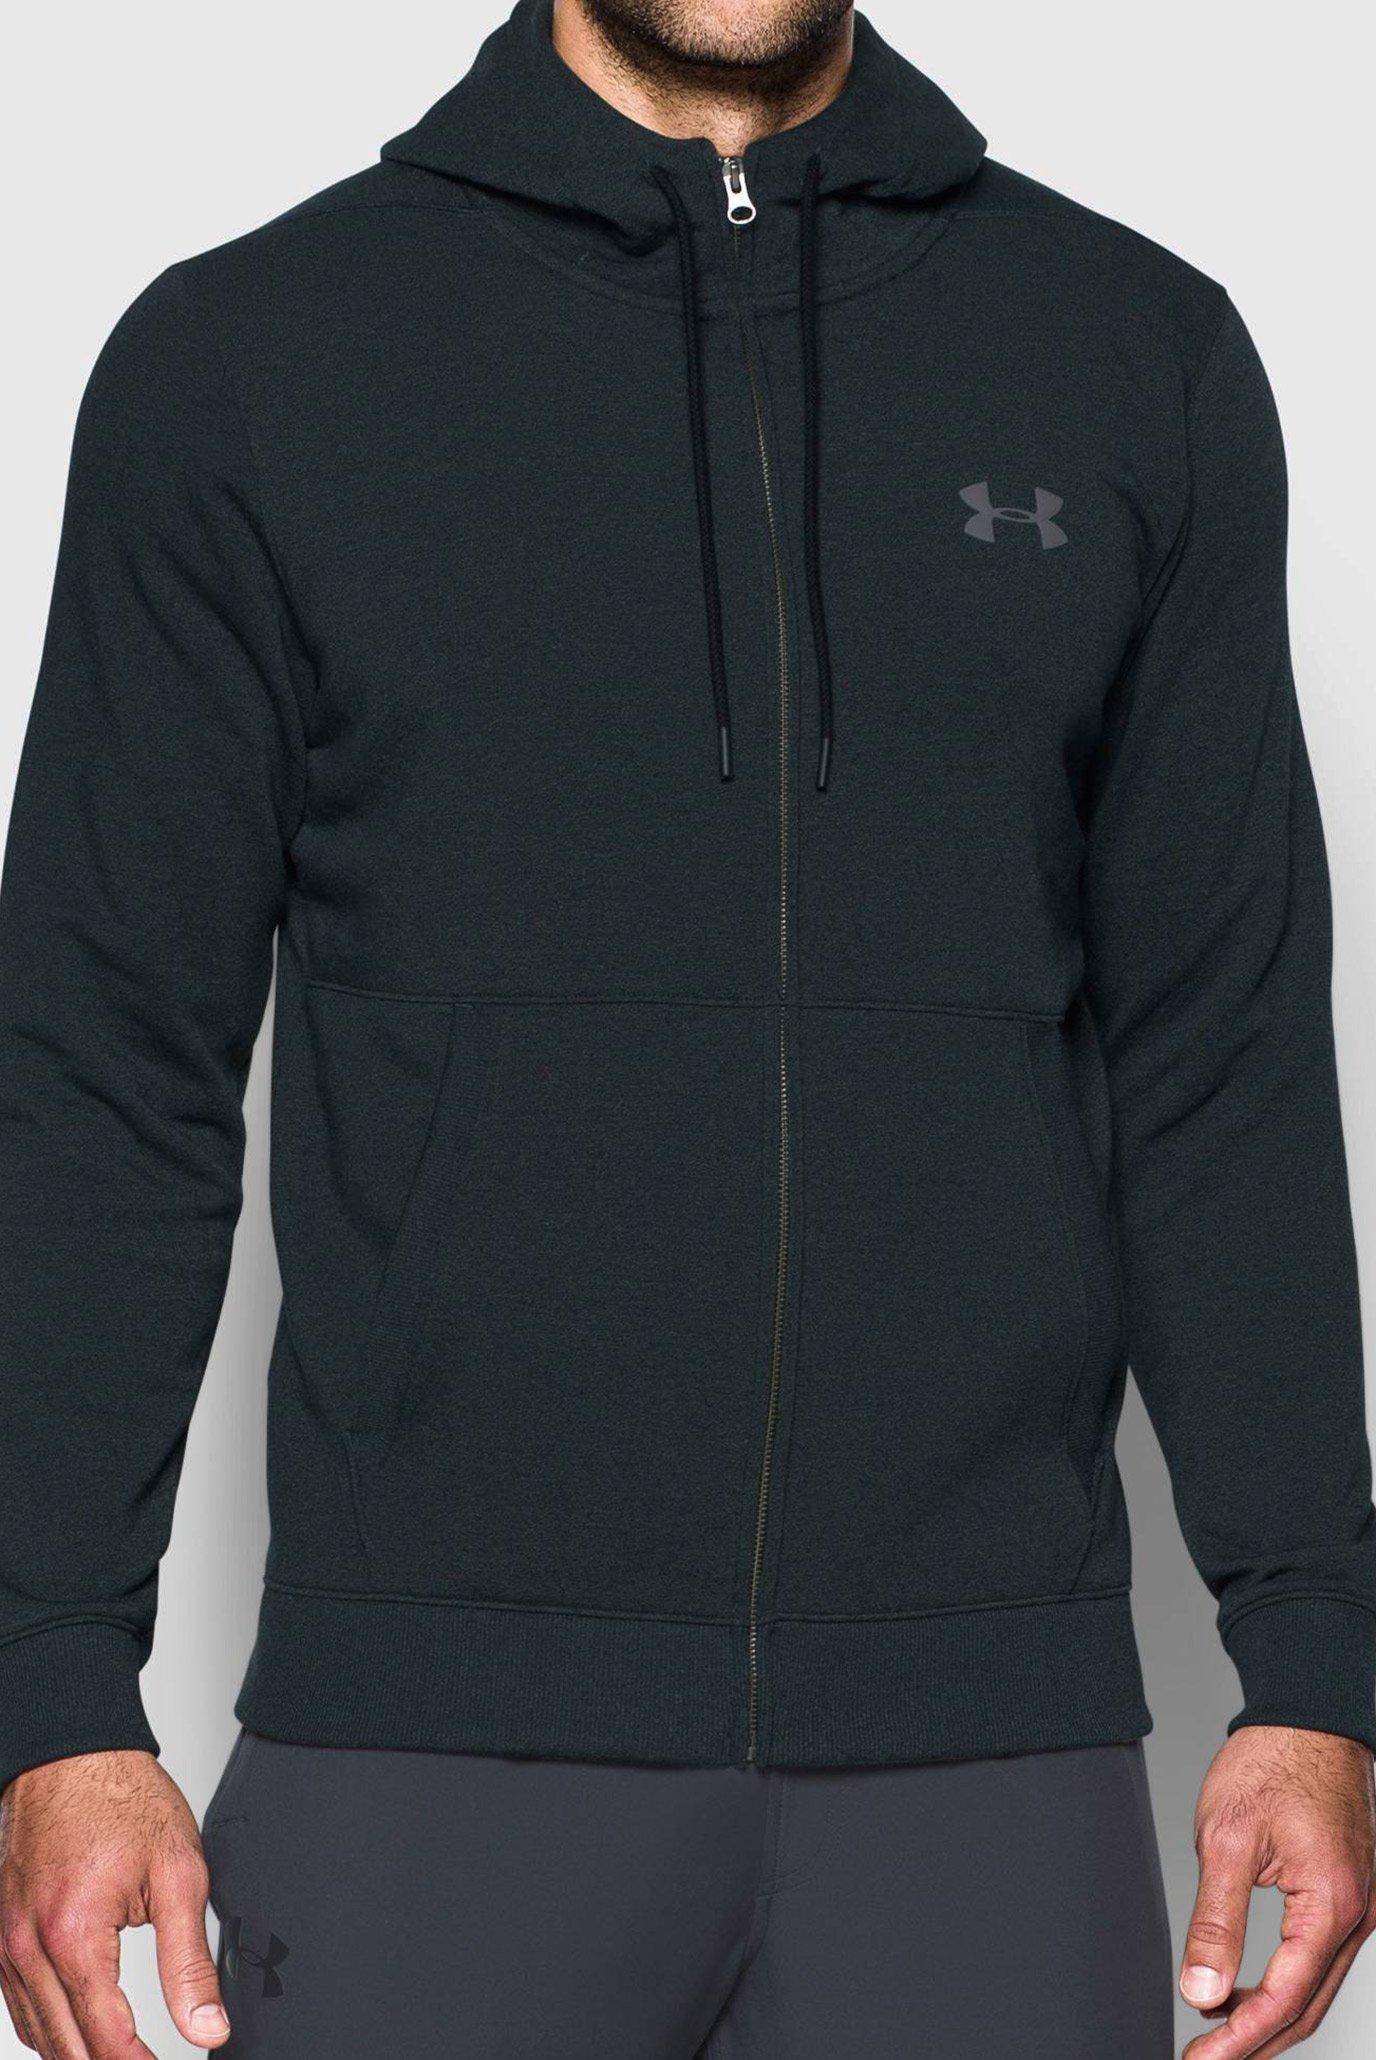 Купить Мужское черное худи Threadborne FZ Hoodie Under Armour Under Armour 1299134-016 – Киев, Украина. Цены в интернет магазине MD Fashion